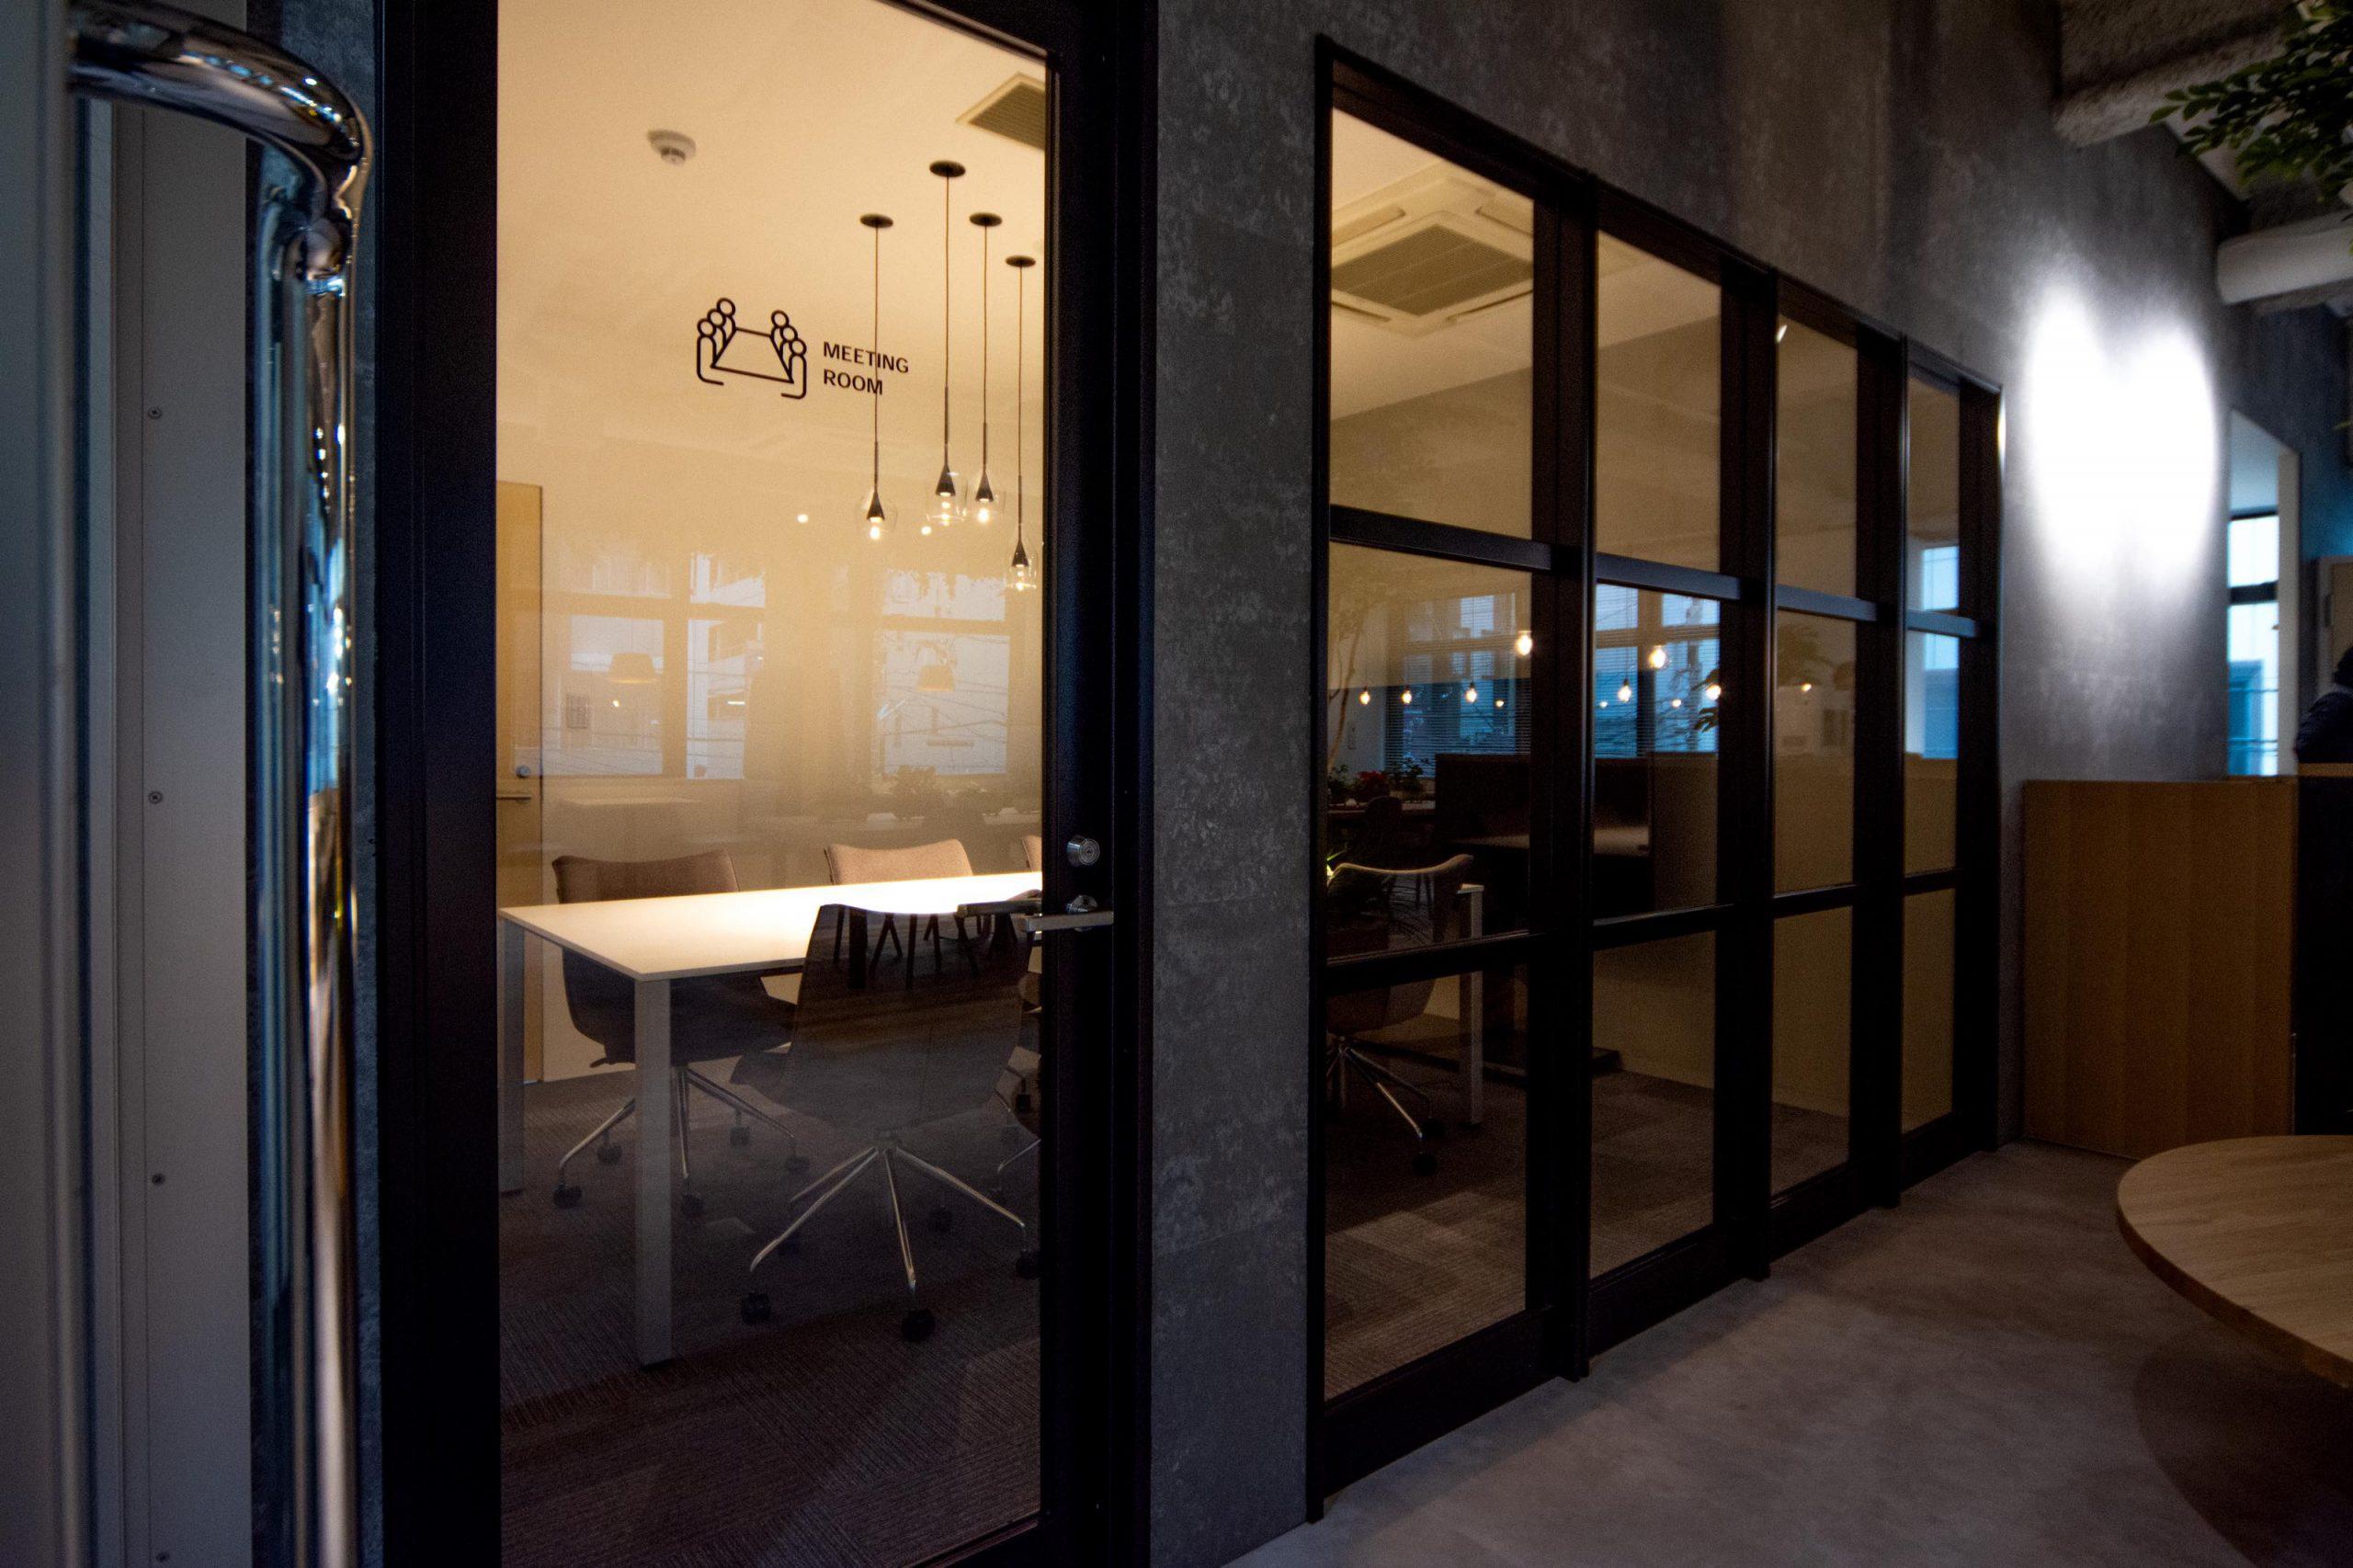 meeting room03